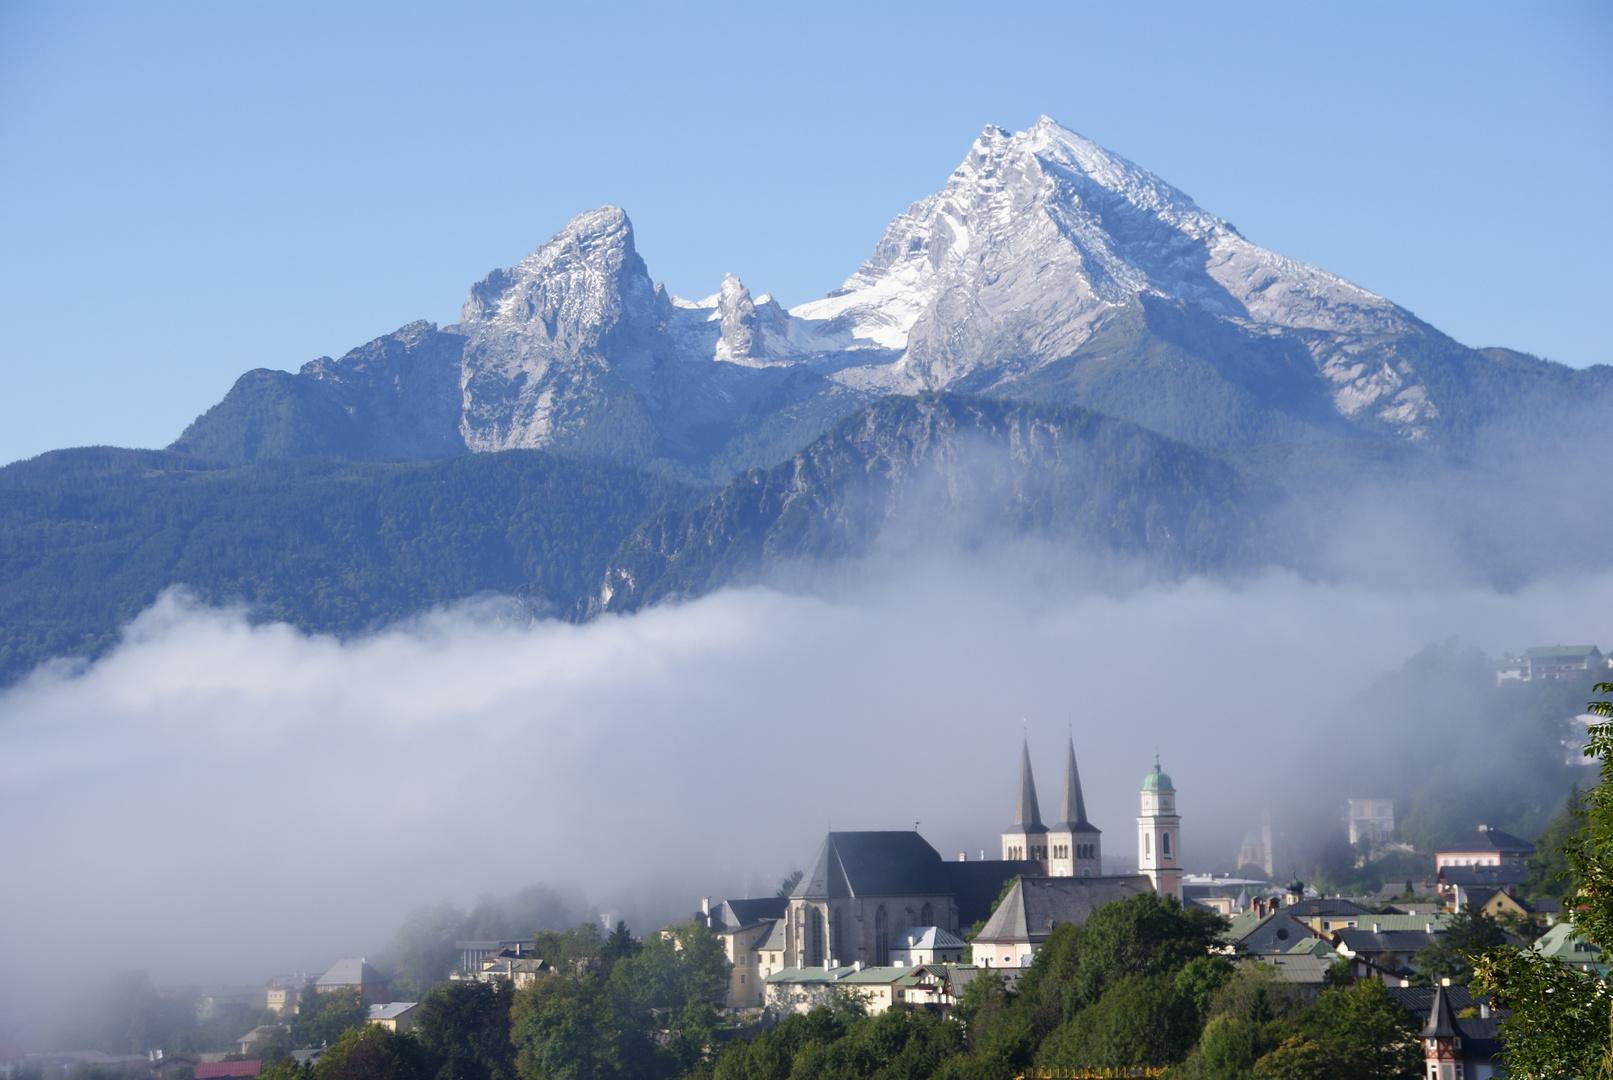 Morgenstimmung mit Blick auf Berchtesgaden